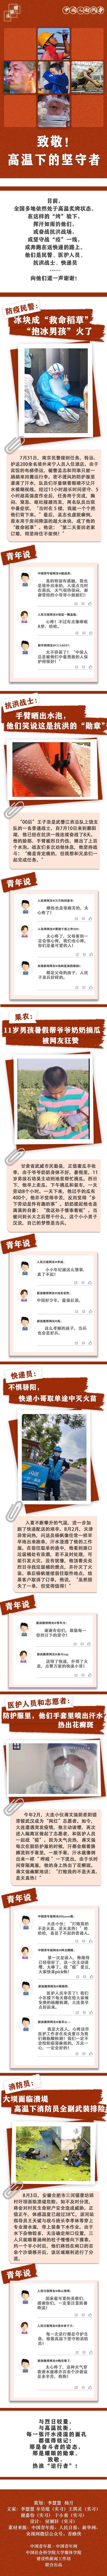 中国人的故事 | 暖镜头:致敬!高温下的坚守者